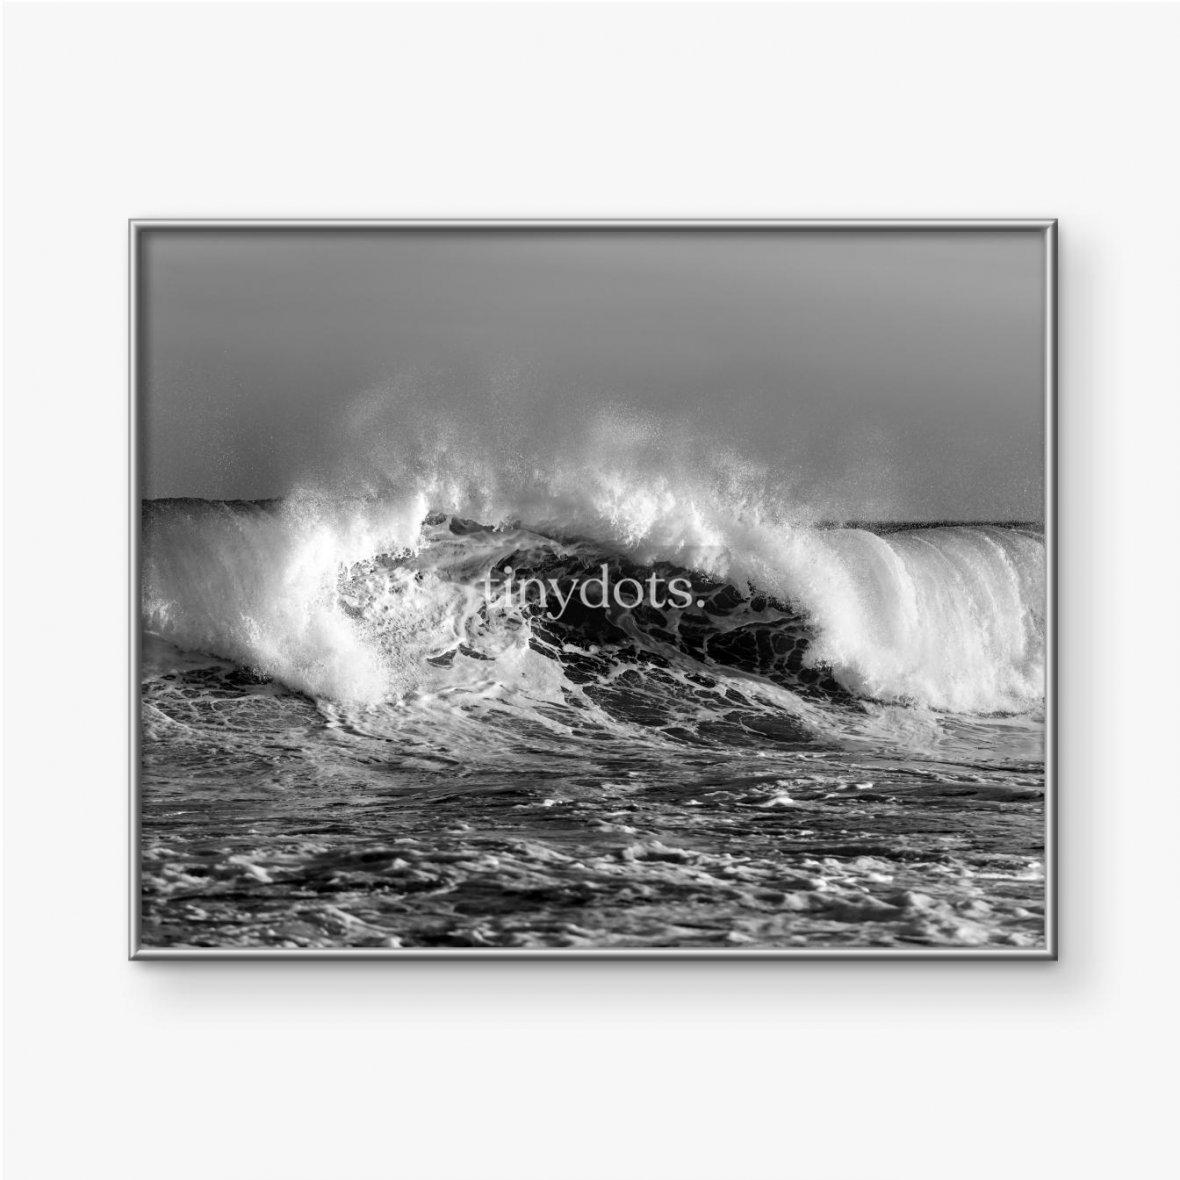 Gerahmte Poster Schwarzweiss-Foto der Welle, Sydney Australien